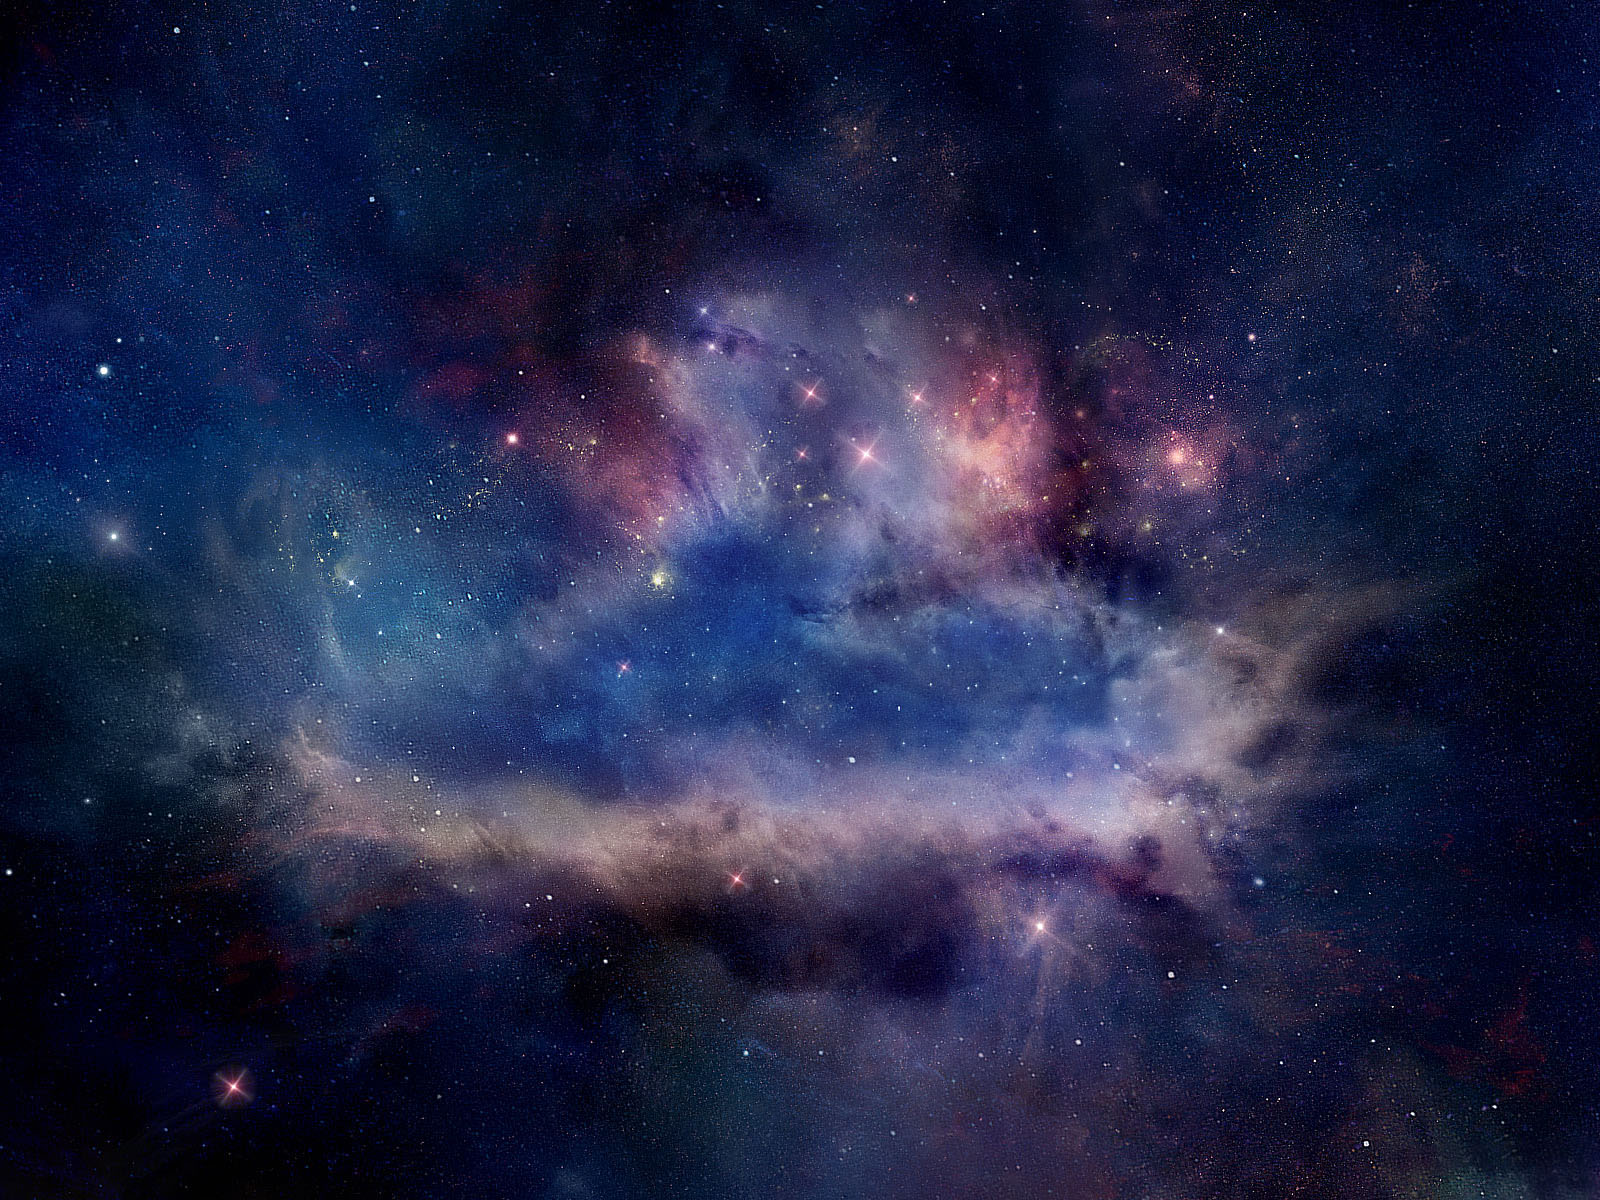 http://3.bp.blogspot.com/-2G_K4kybH9M/URxO7Ak9k5I/AAAAAAAAAIU/3RLmrFVwO7g/s1600/Space+Art+Wallpapers+29.jpg